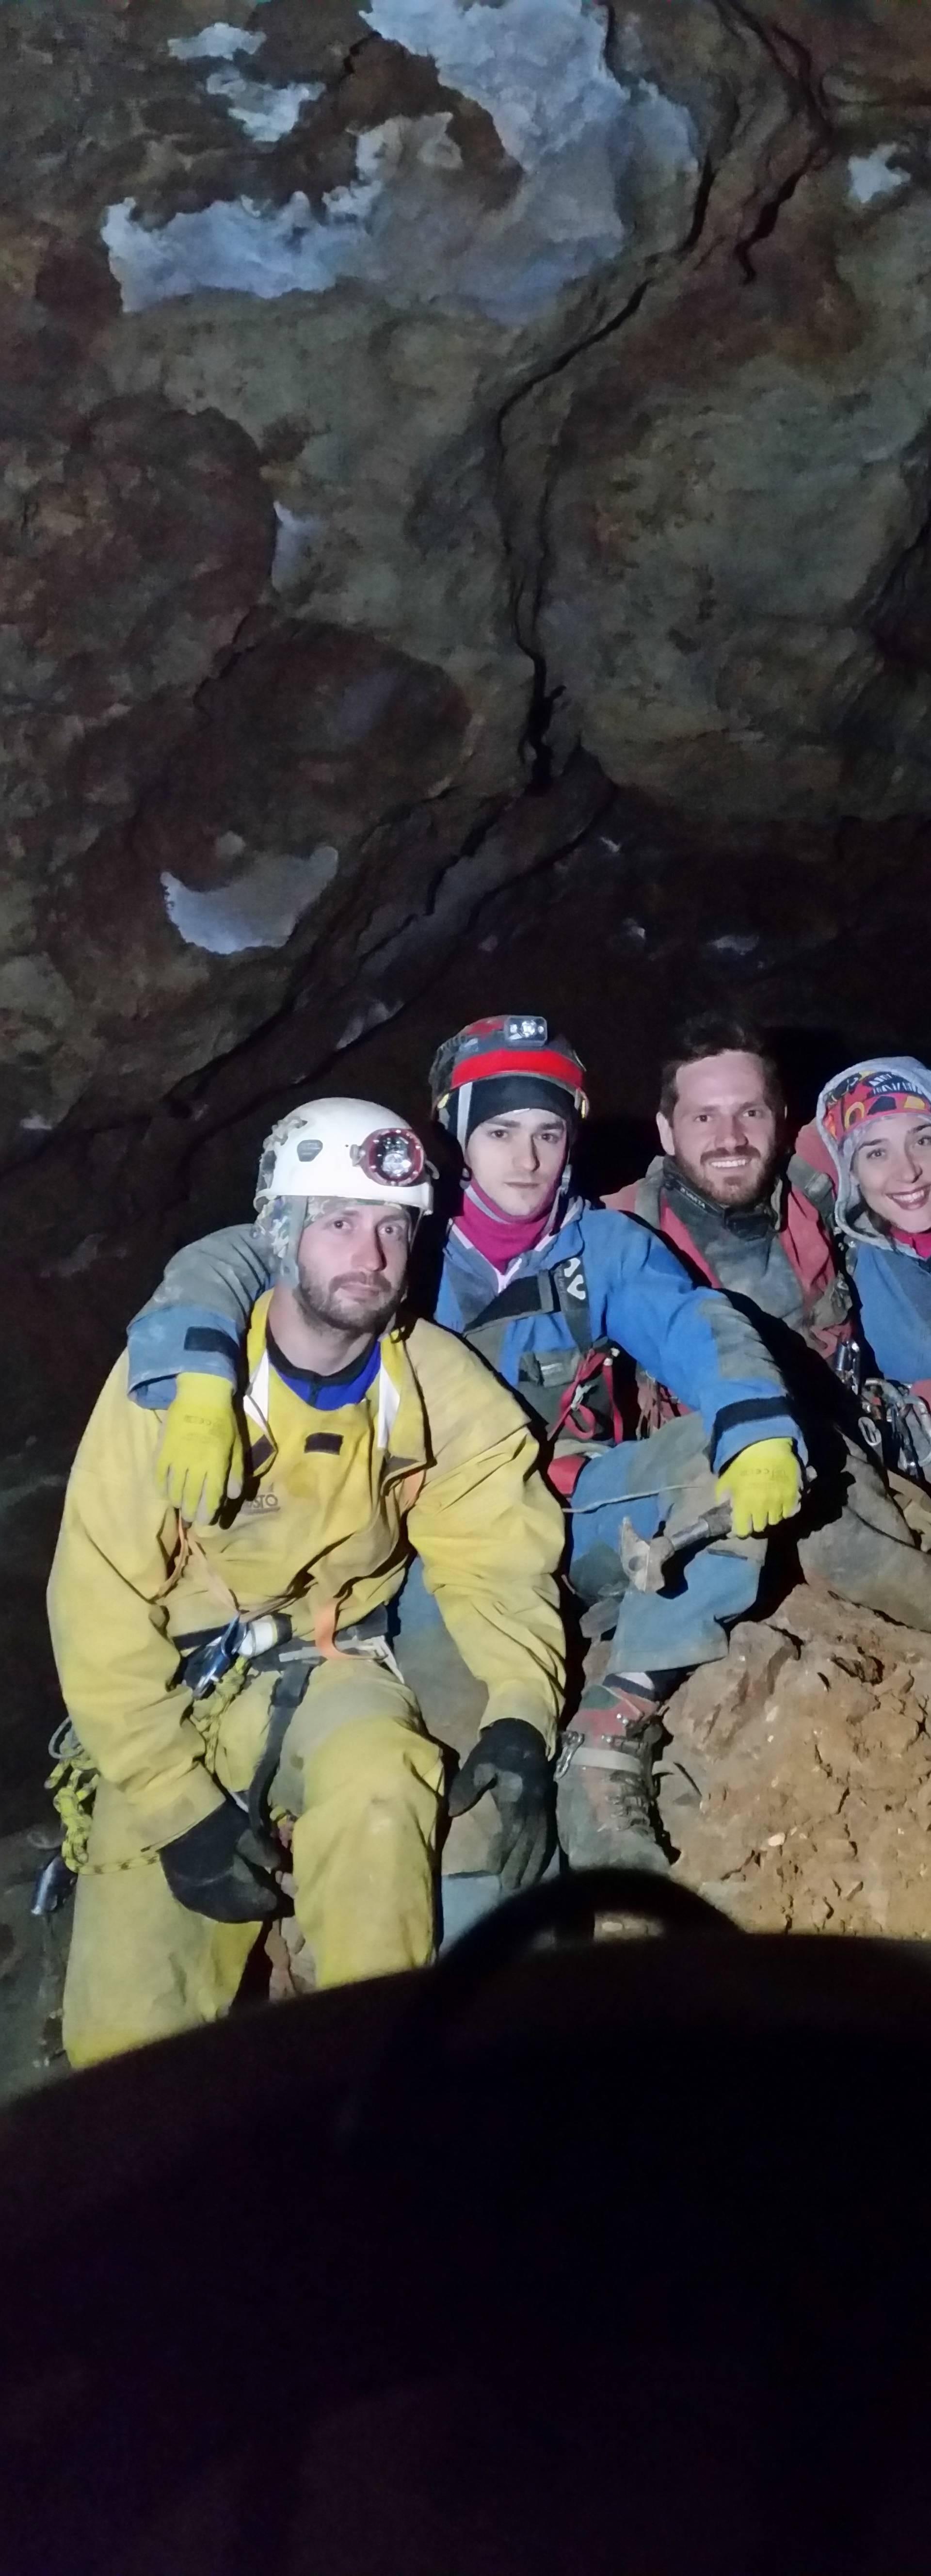 'Puzali smo kroz pješčani kanal pa otkrili najdulju jamu u RH...'